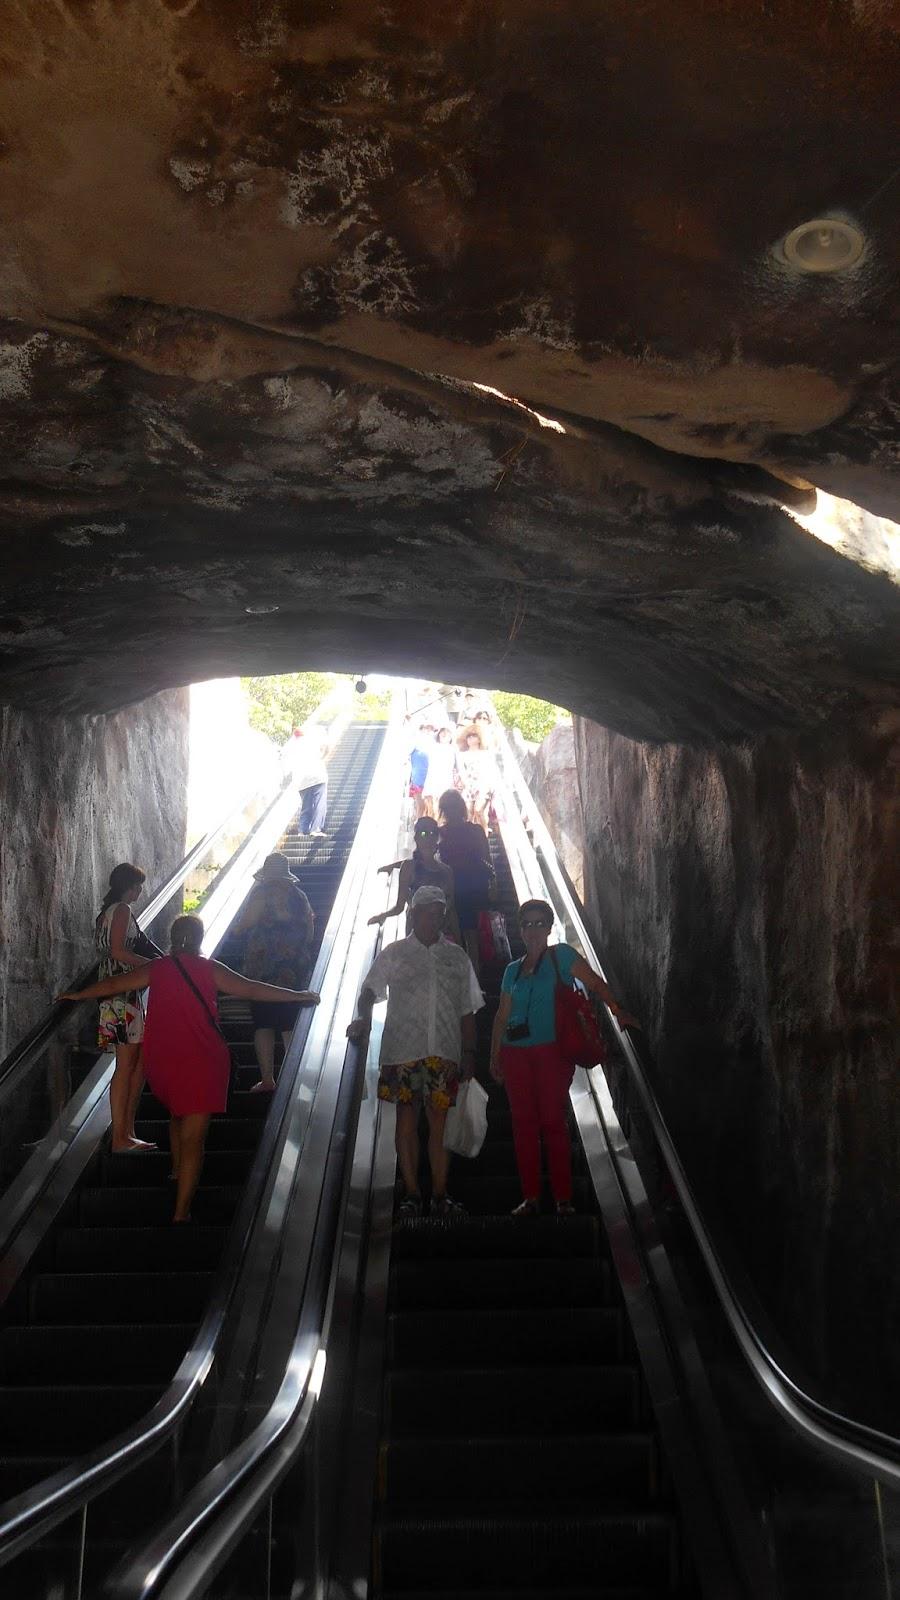 эскалатор для спуска на нижний ярус острова